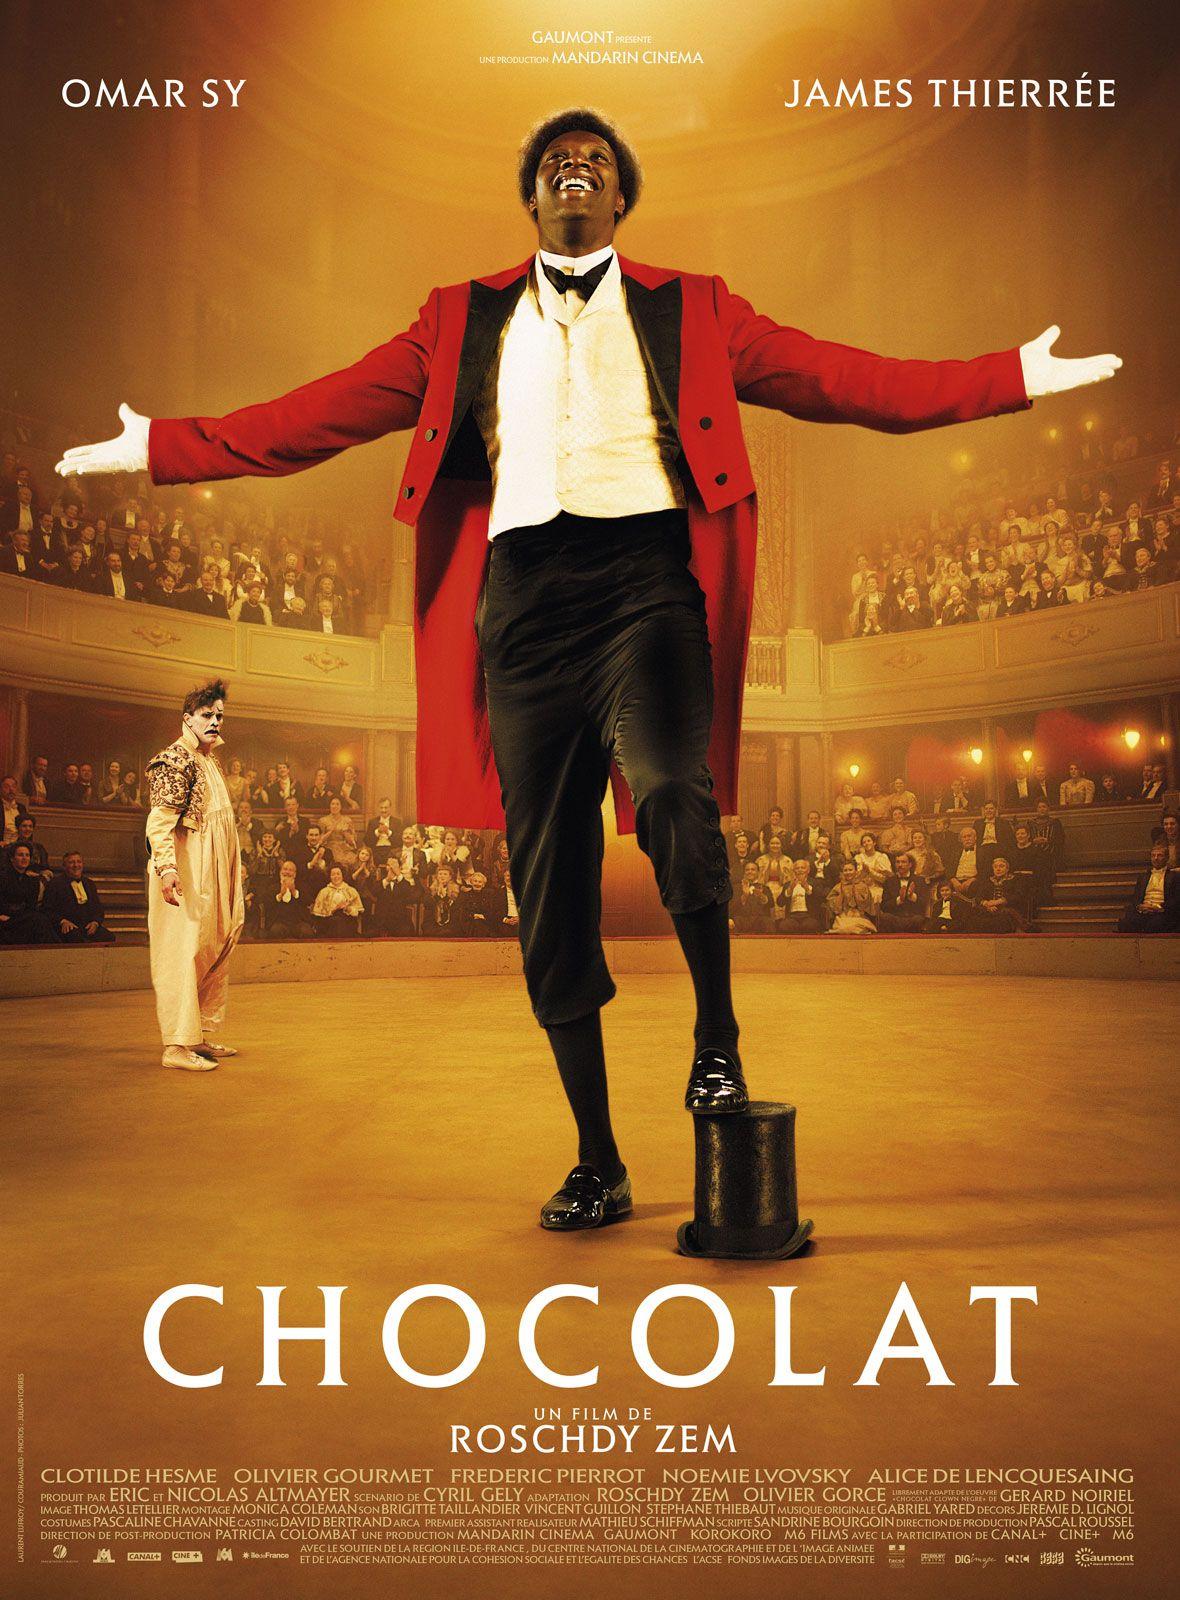 Chocolat | Film chocolat, Film, Film 2016